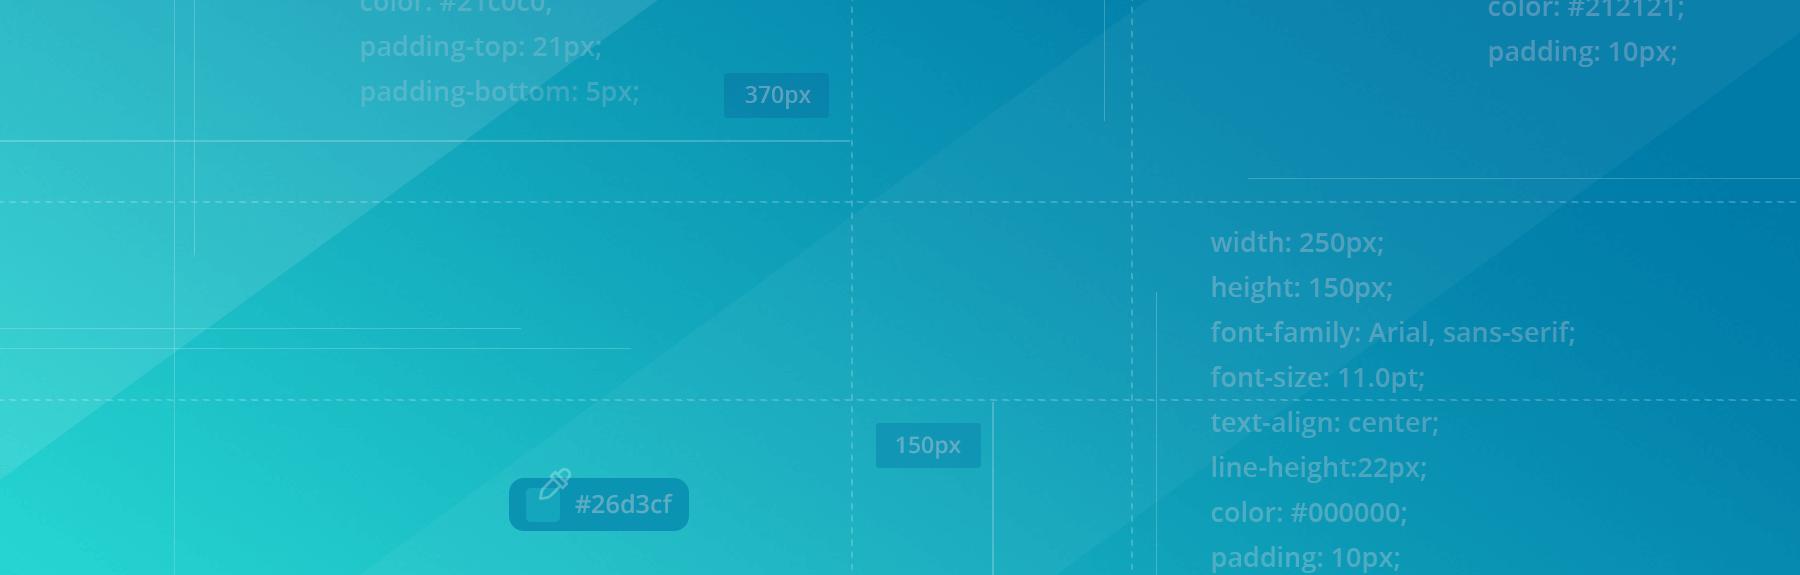 speed-up-design-development-handoff-justinmind-header